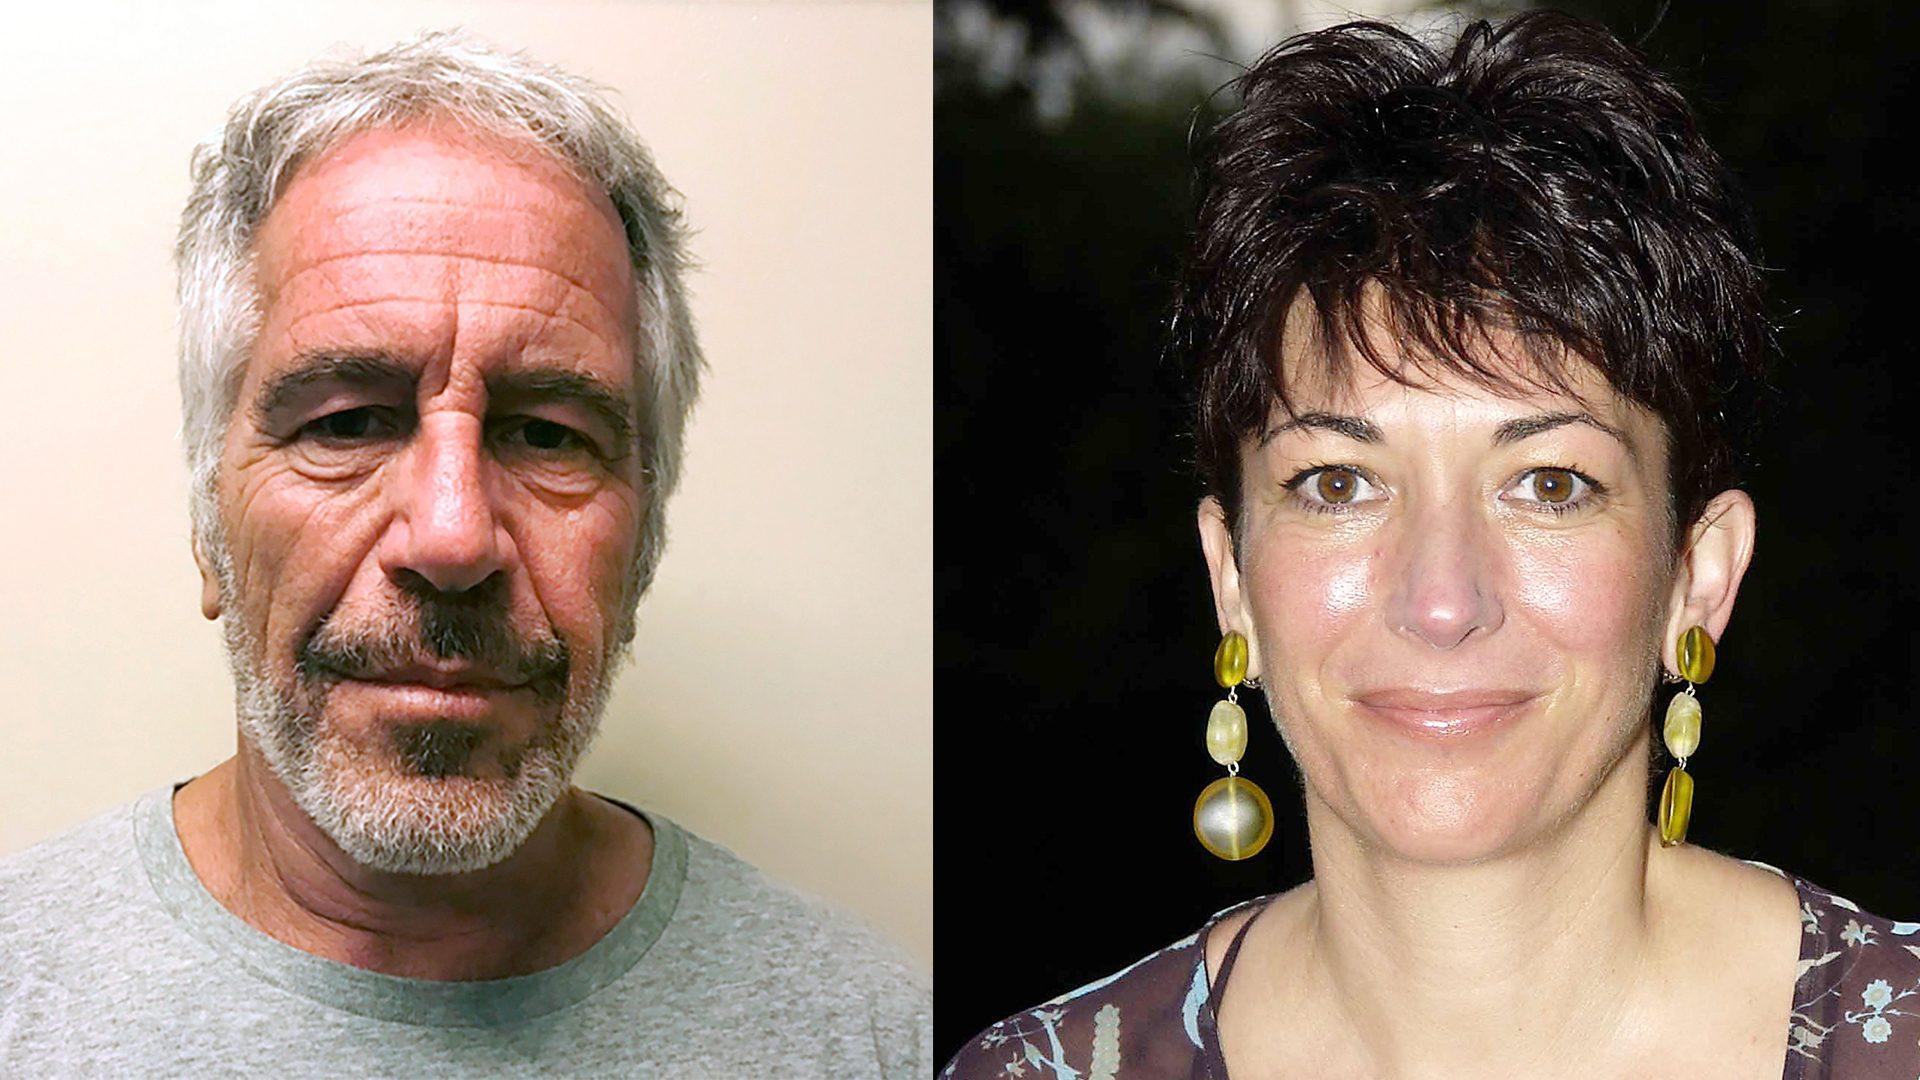 Schock-Enthüllung: Scotland Yard unterlässt zehn Jahre lang Untersuchungen im Zusammenhang mit Epstein und Maxwell in mehreren Missbrauchsfällen